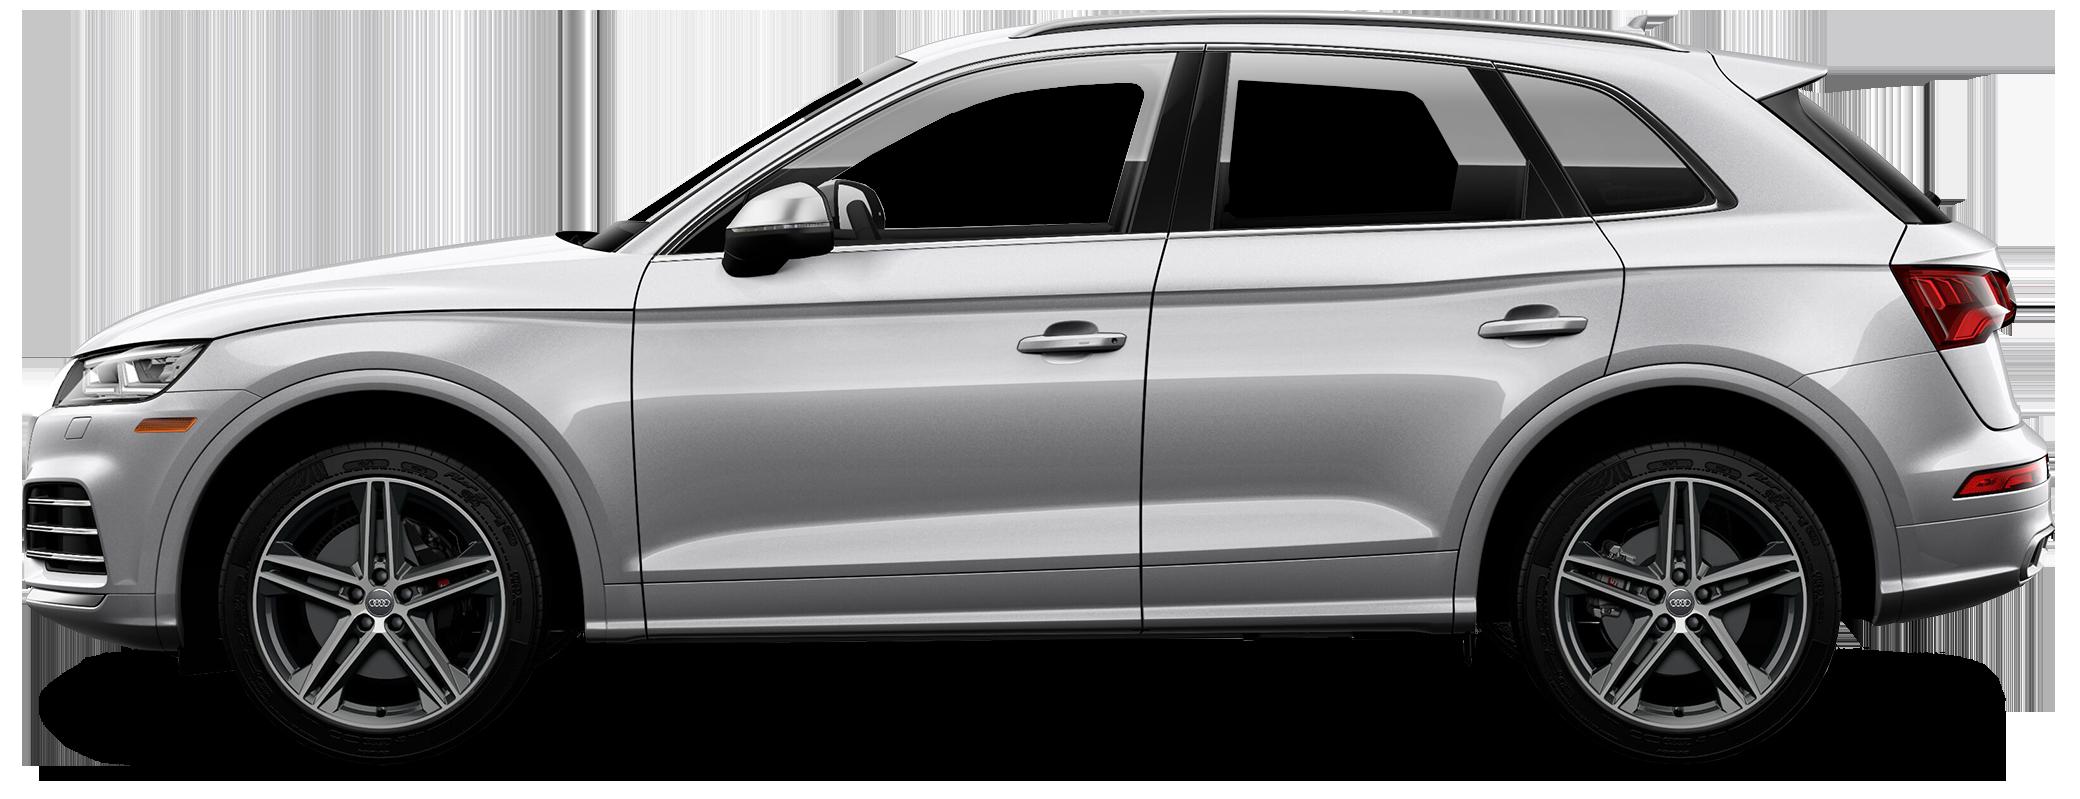 2019 Audi SQ5 SUV 3.0T Premium